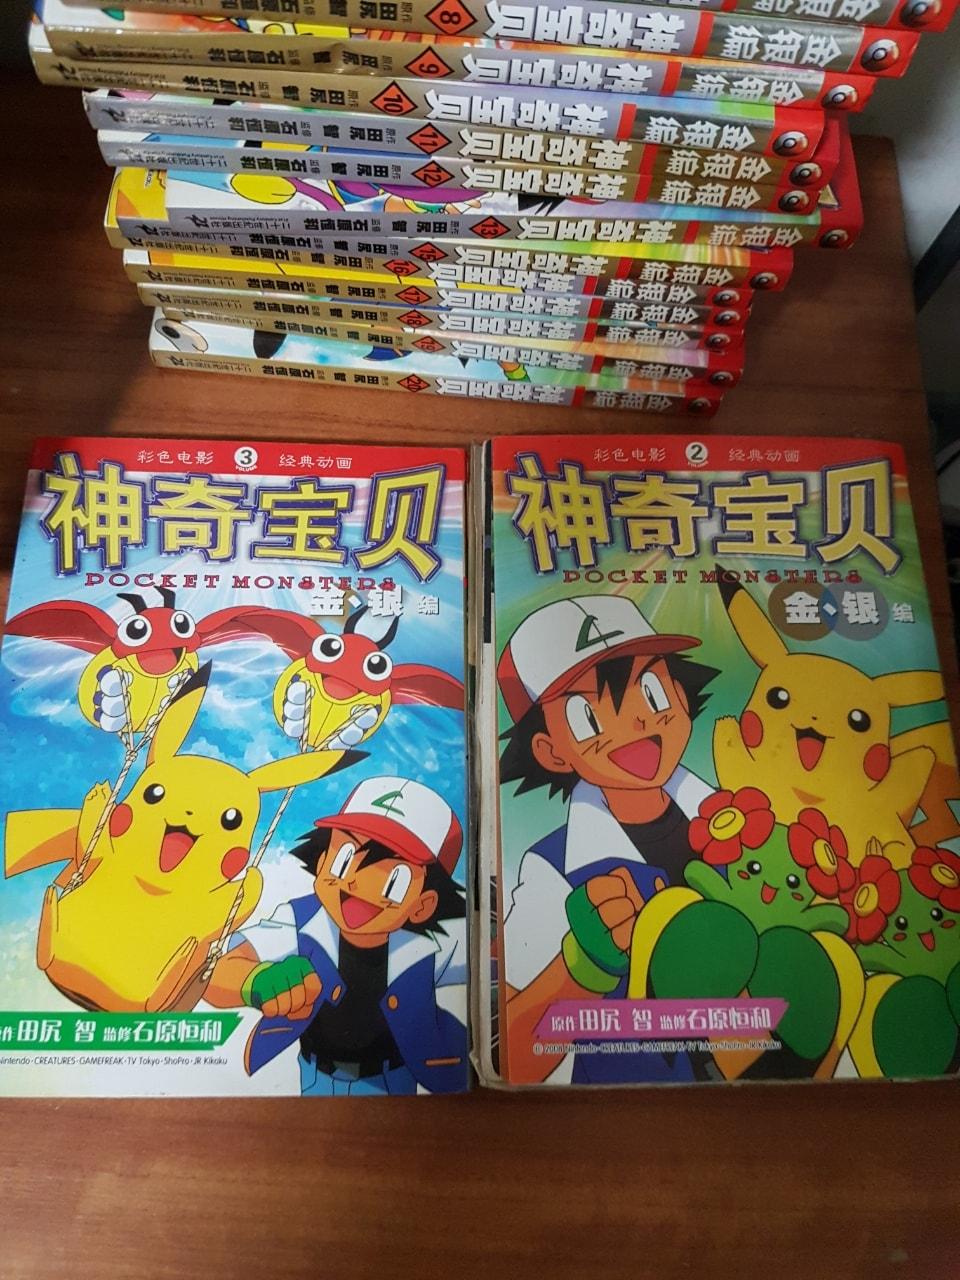 18 Chse pokemon comic books